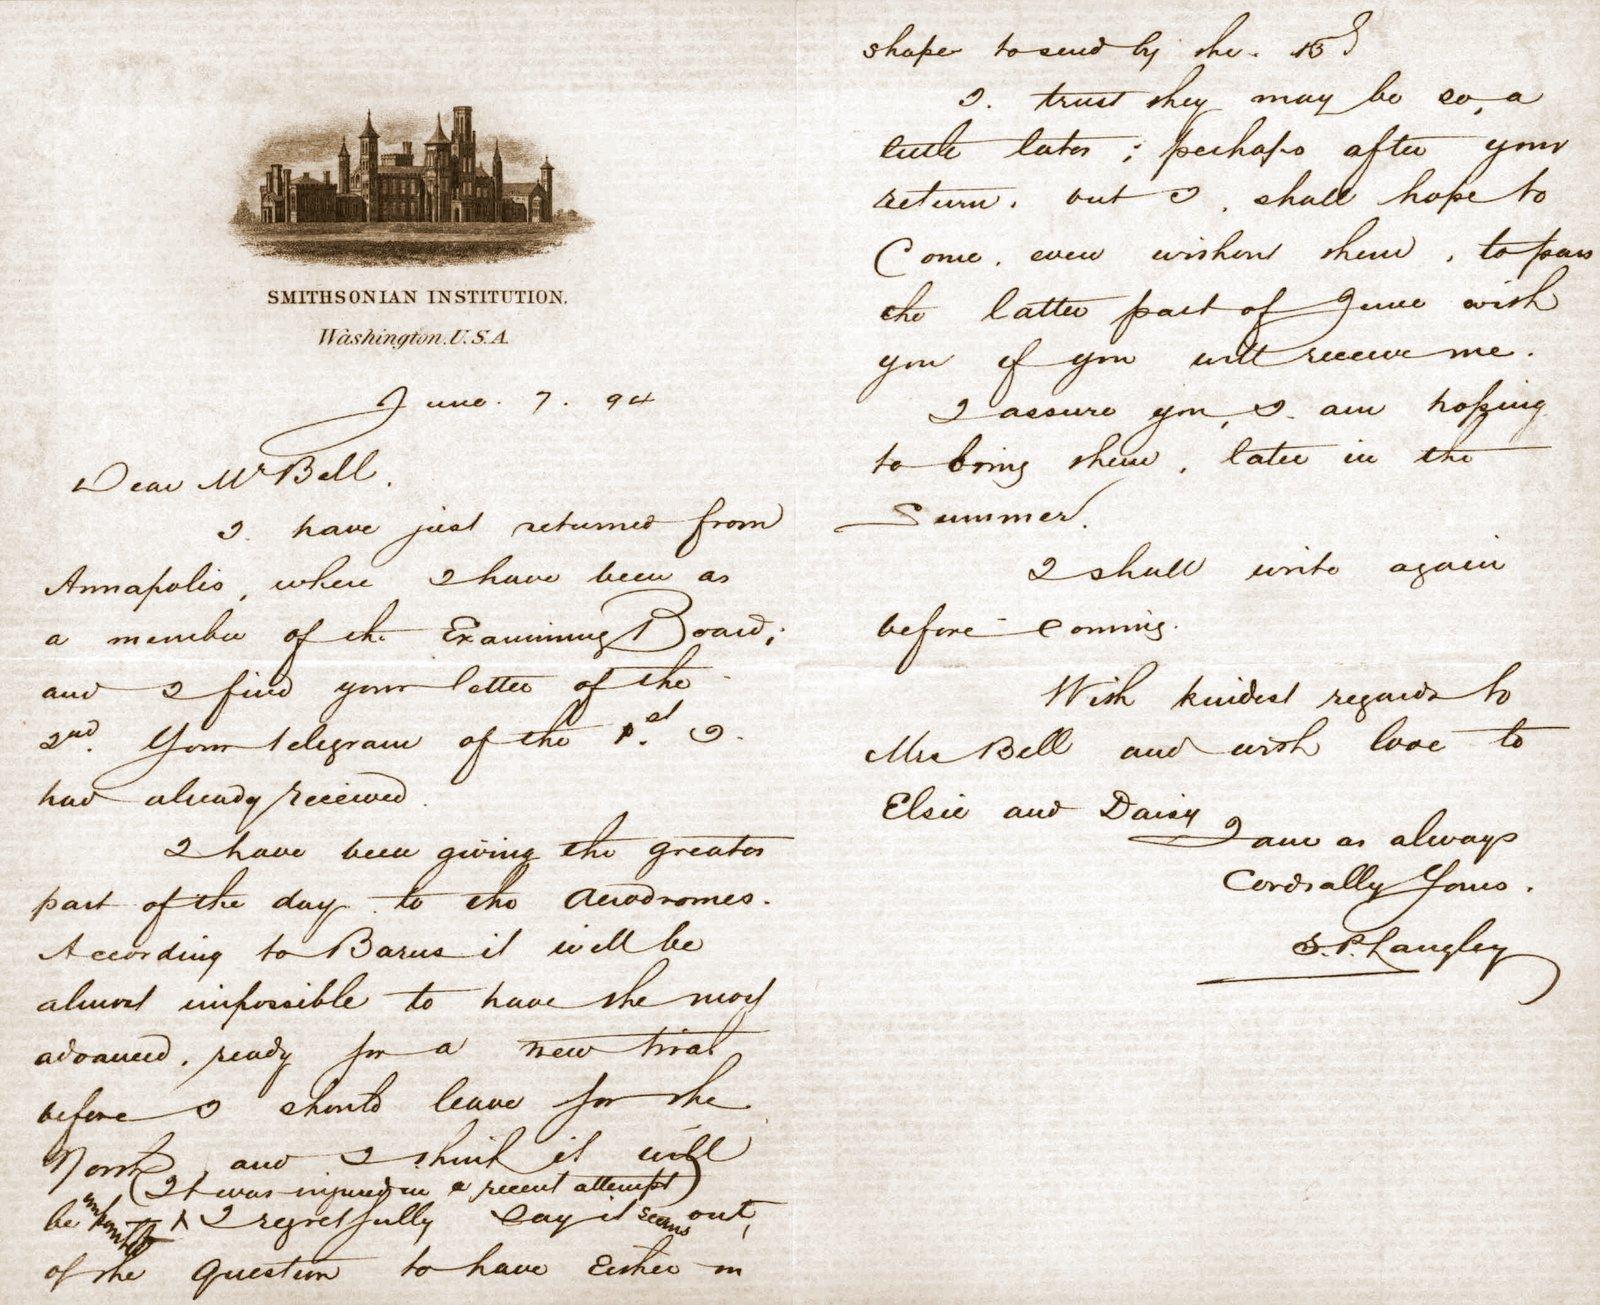 Handwritten letter from Samuel P. Langley to Alexander Graham Bell, June 7, 1894